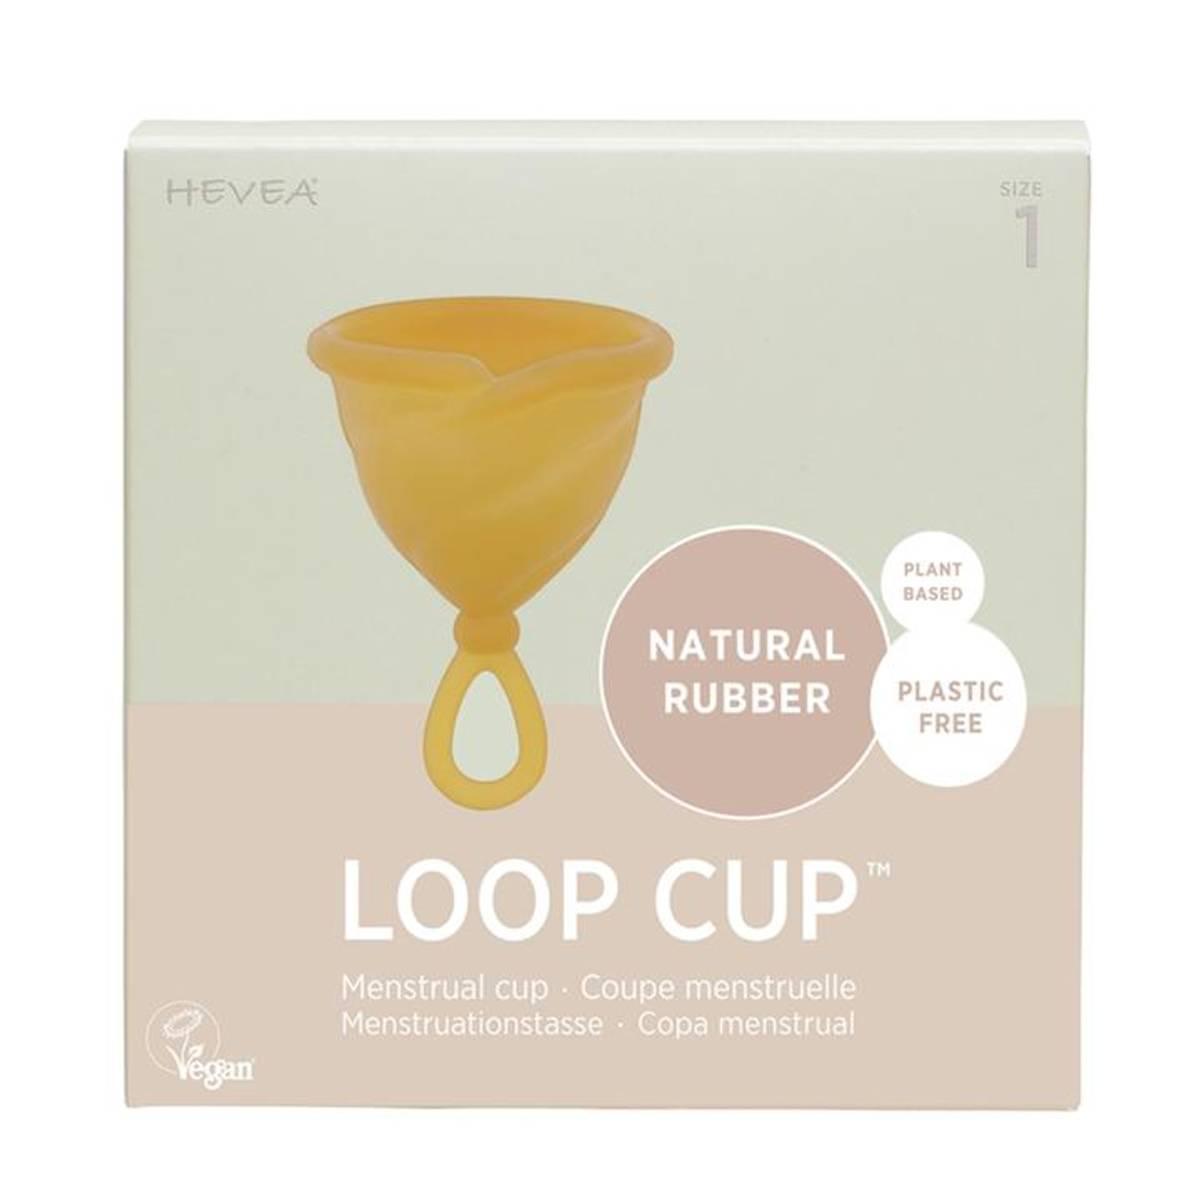 LOOP CUP str.1, menskopp i naturgummi / Hevea